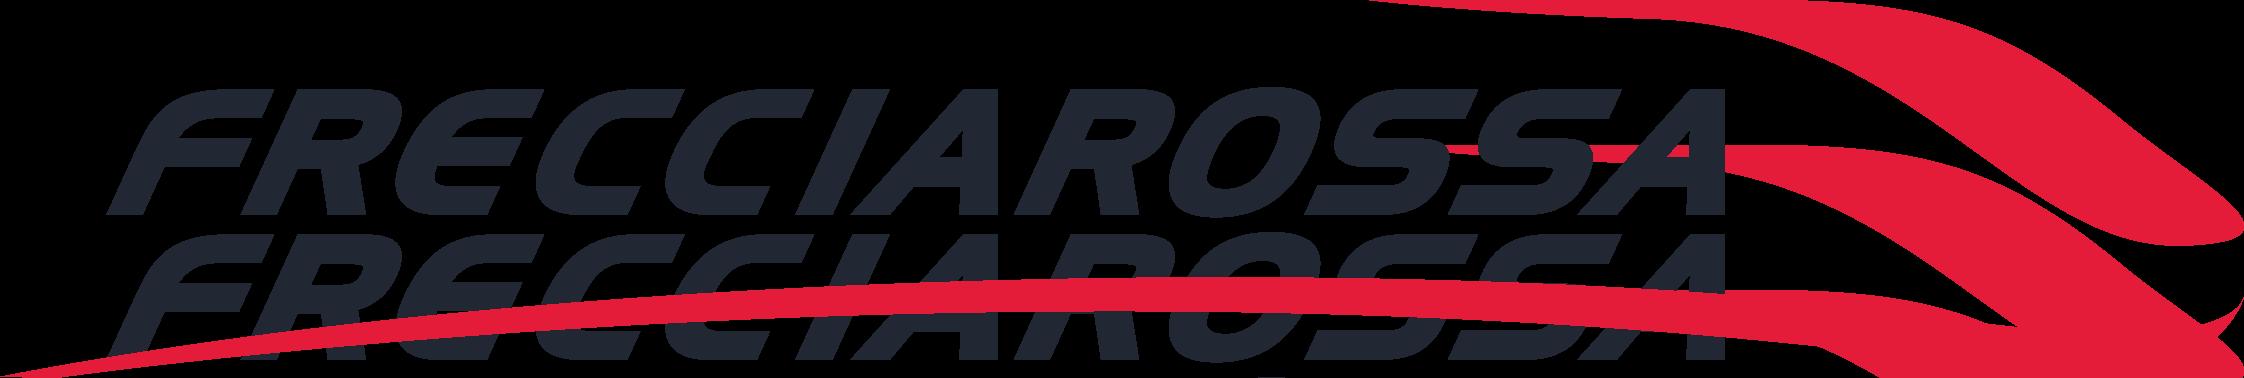 Logo Frecciarossa1000